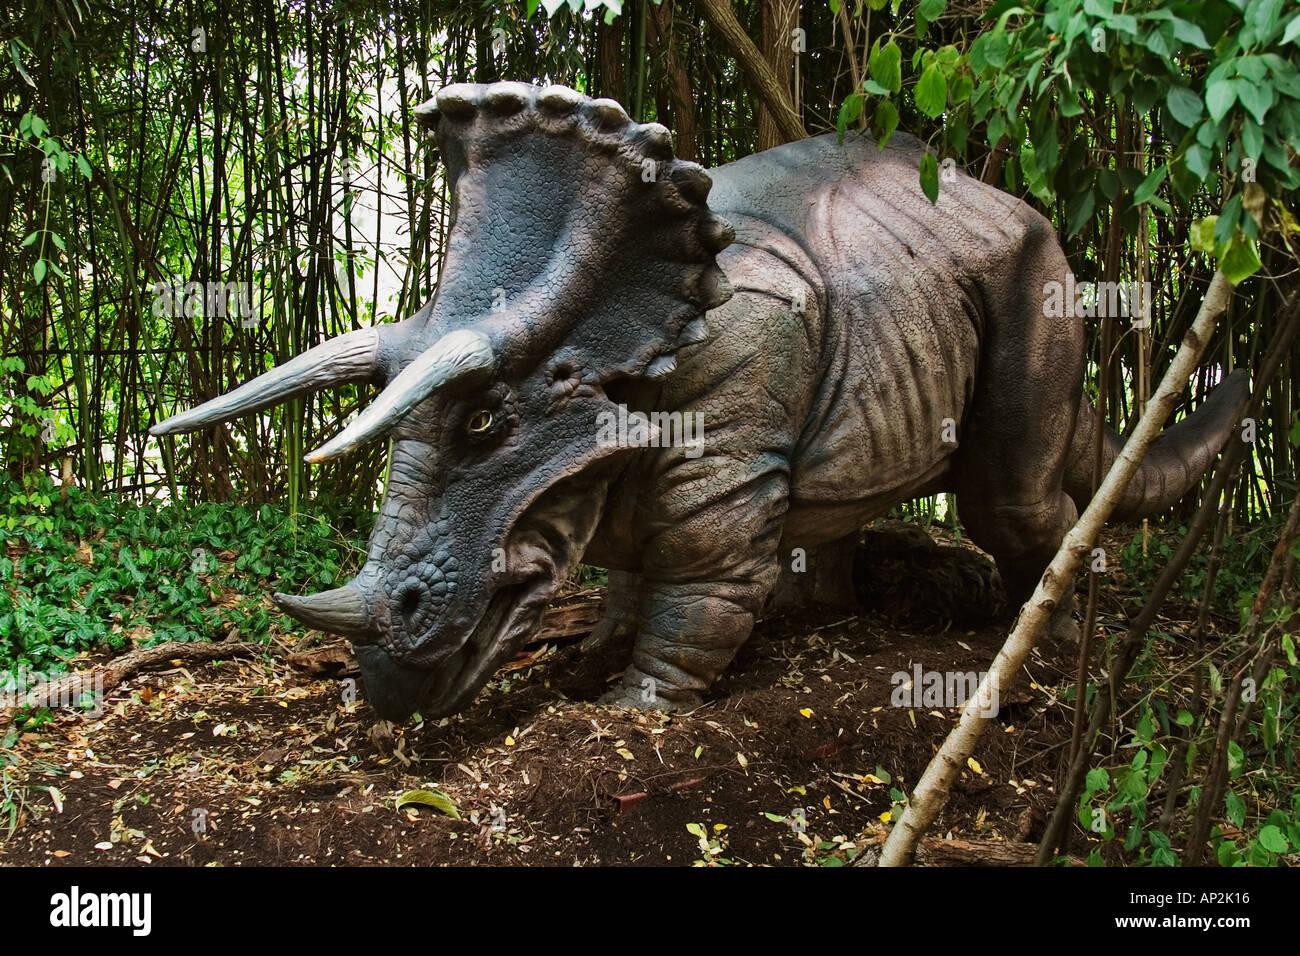 Triceratops que significa tres cuernos dinosaurio cara desde finales del período Cretácico va a una longitud de 29 pies y pesan 5 Imagen De Stock